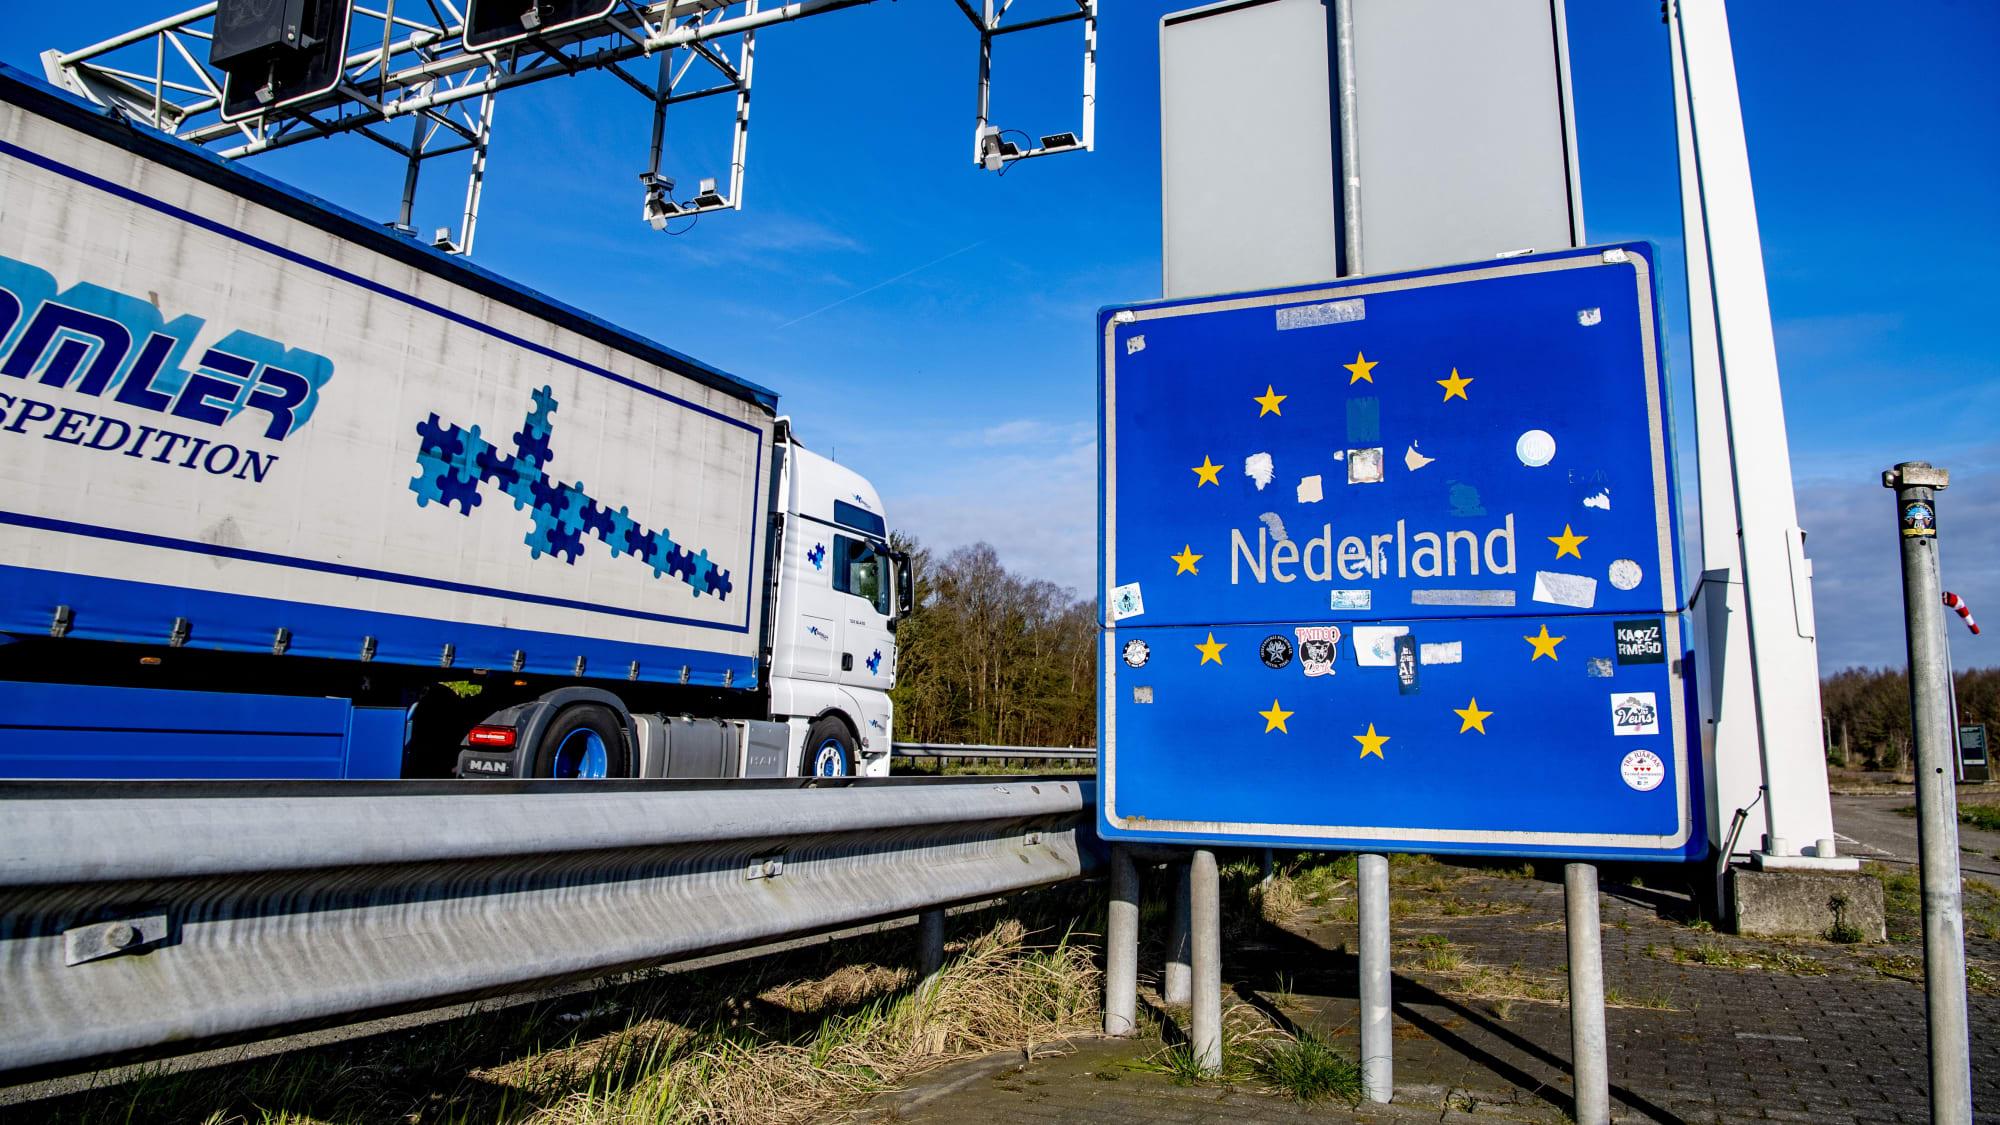 Ein LKW fährt auf der Autobahn am Grenzschild der Niederlande vorbei